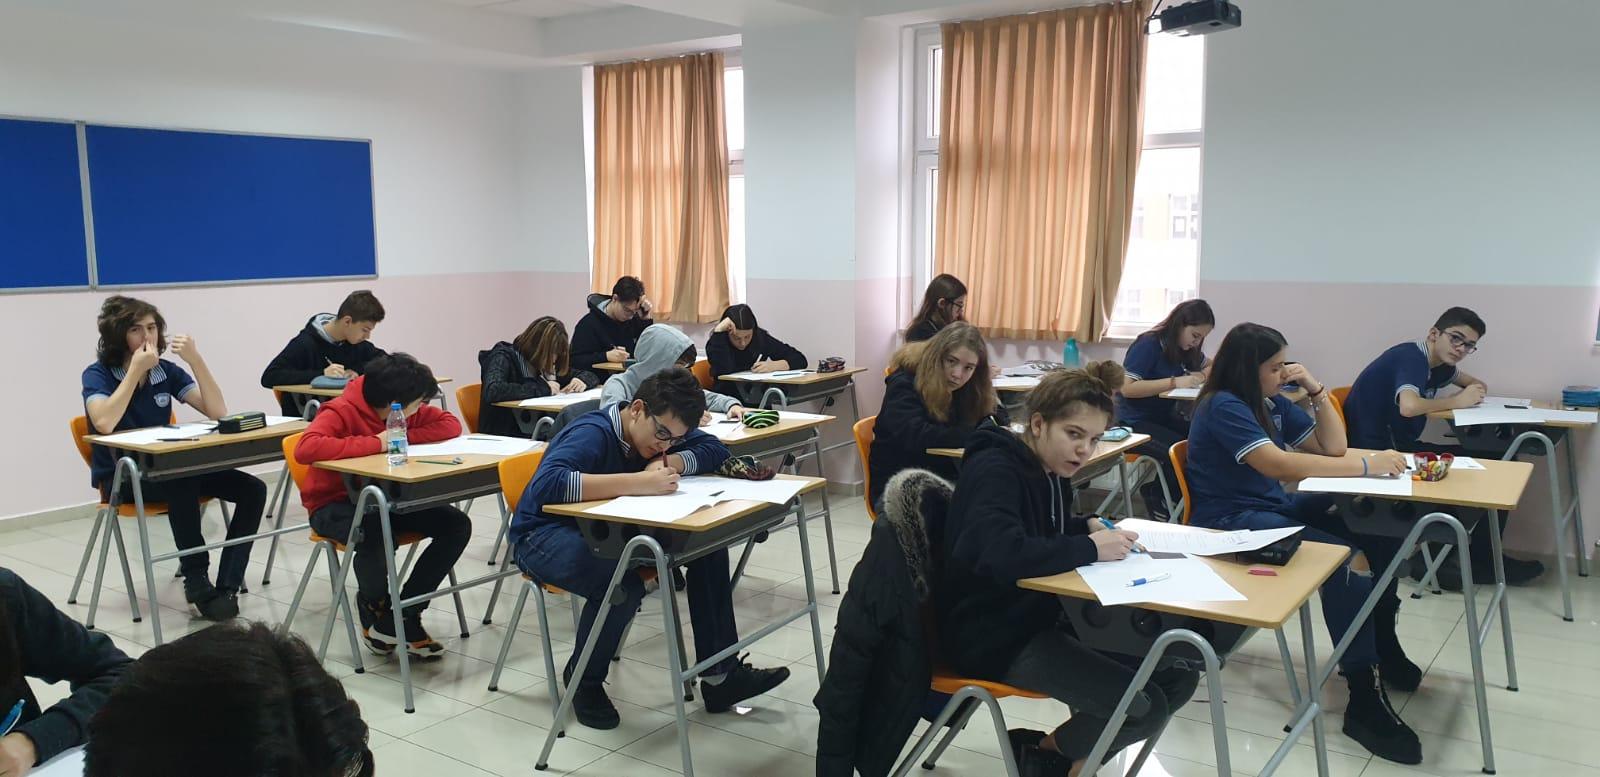 olimpiada-matematica-ichb-colentina